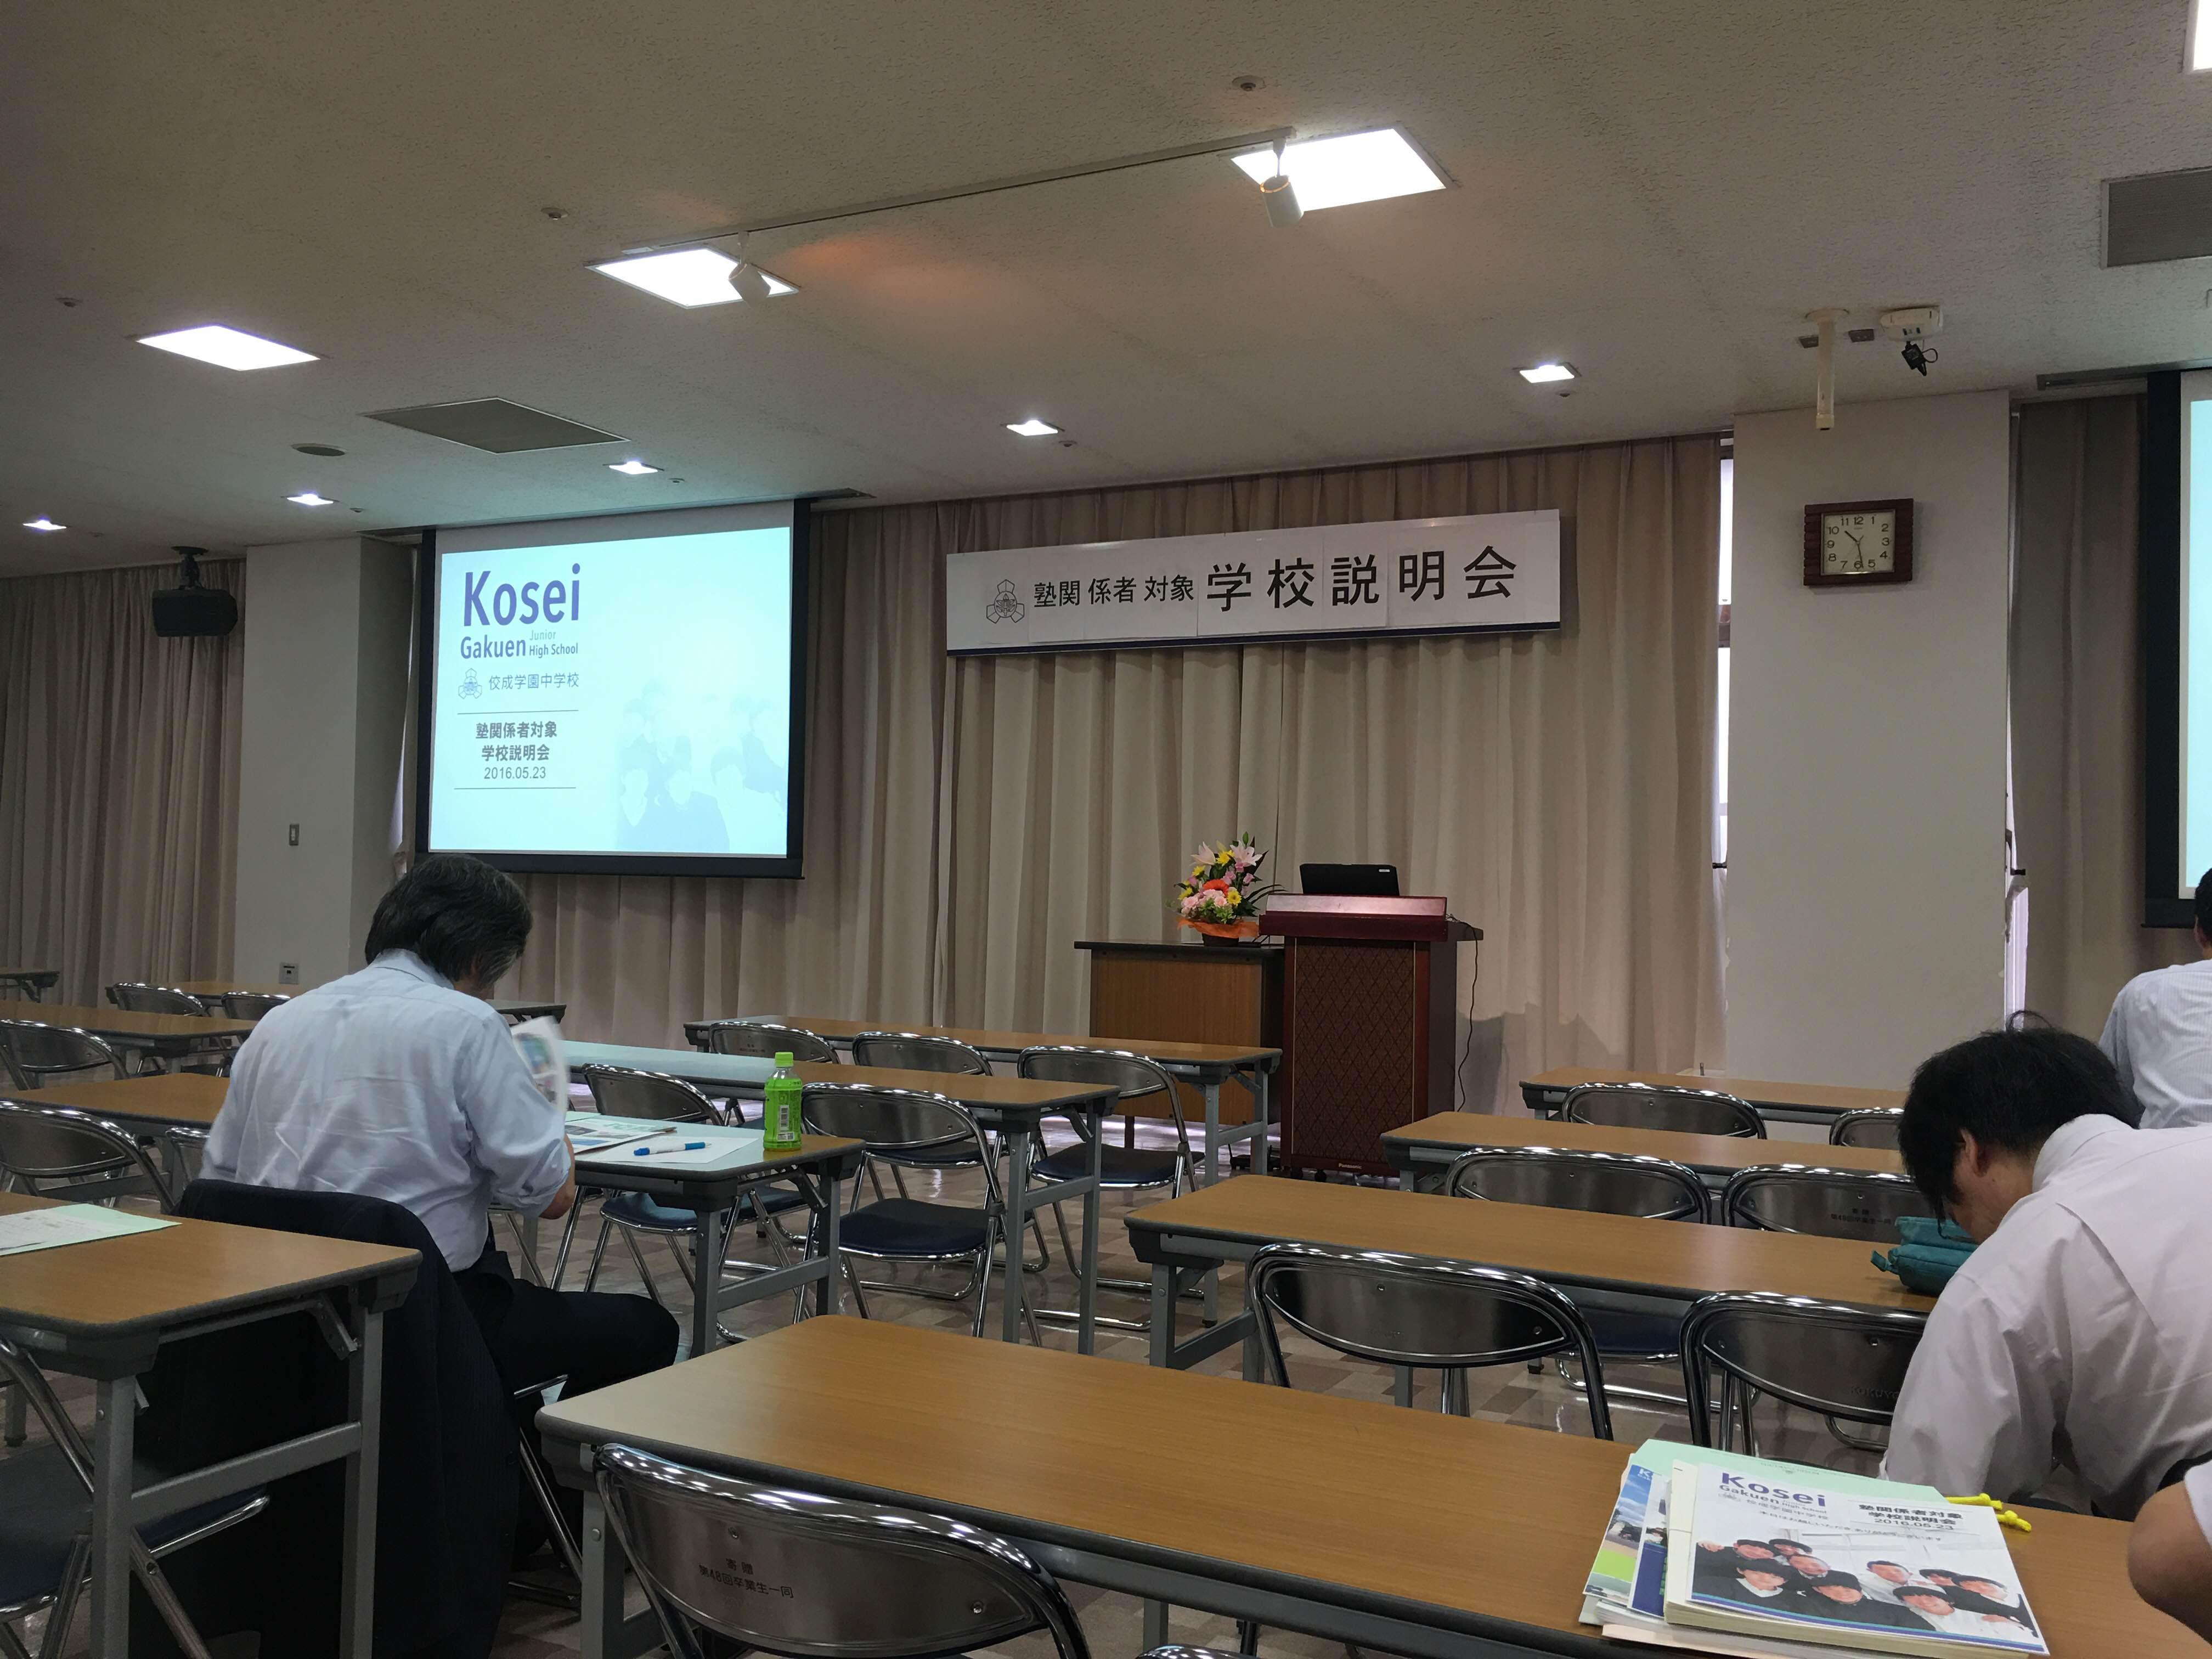 佼成中学・高等学校へ行って参りました!